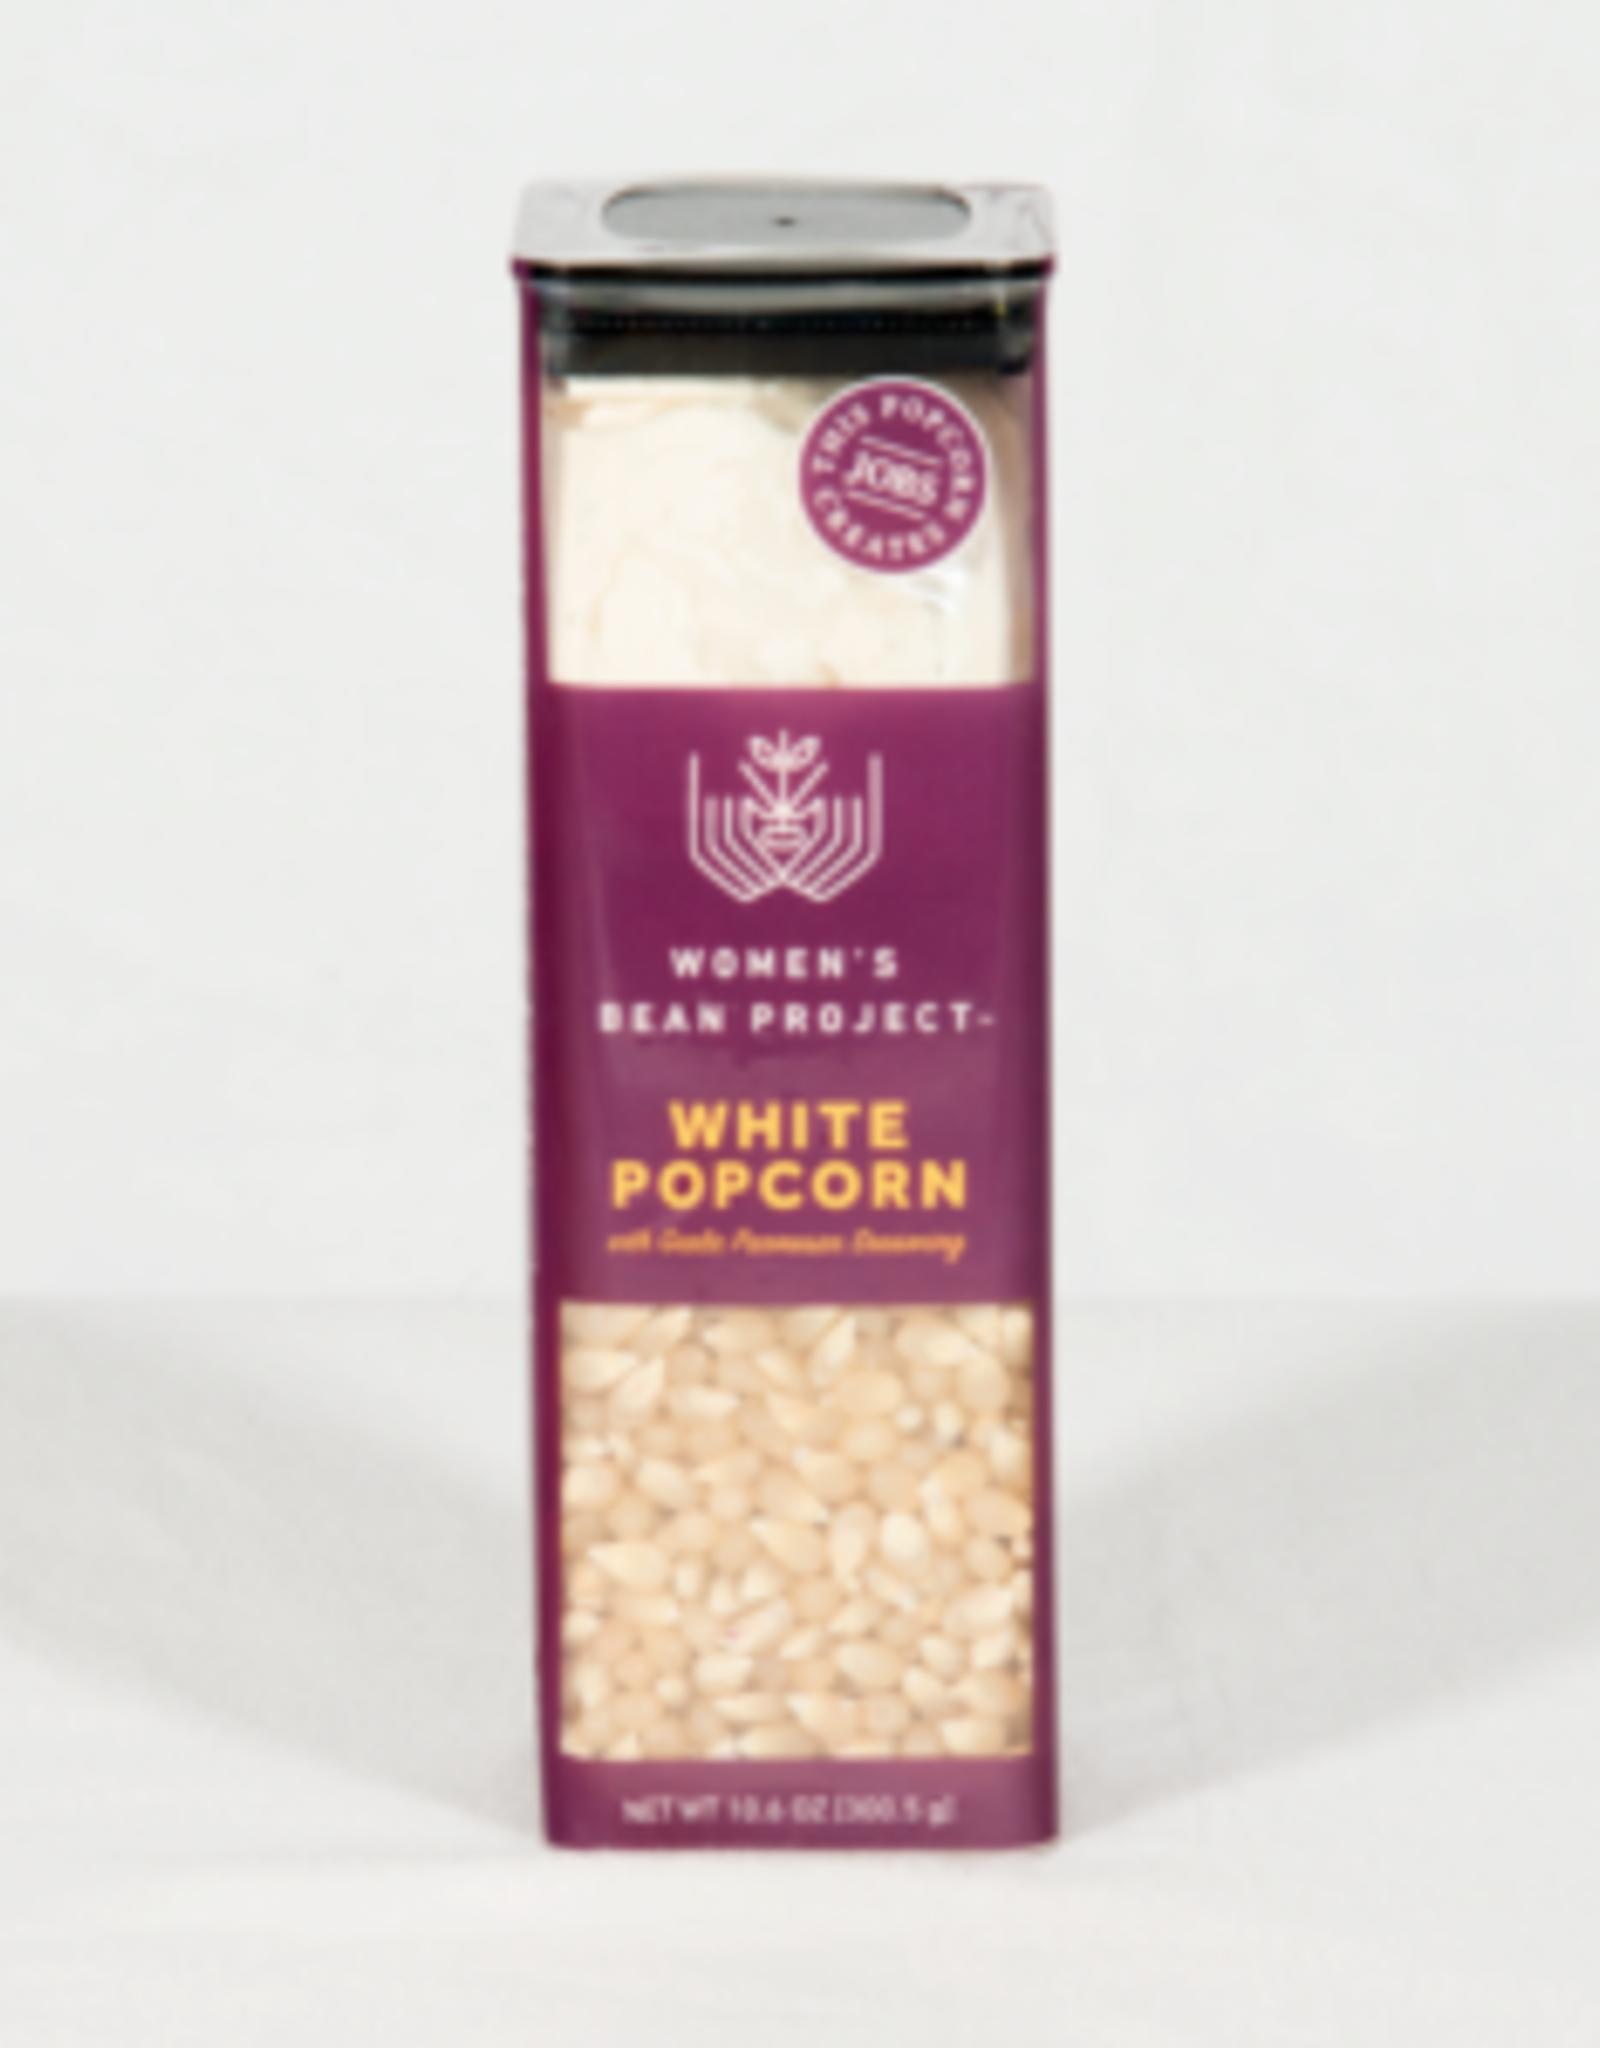 White Popcorn w/Garlic Parmesan Seasoning